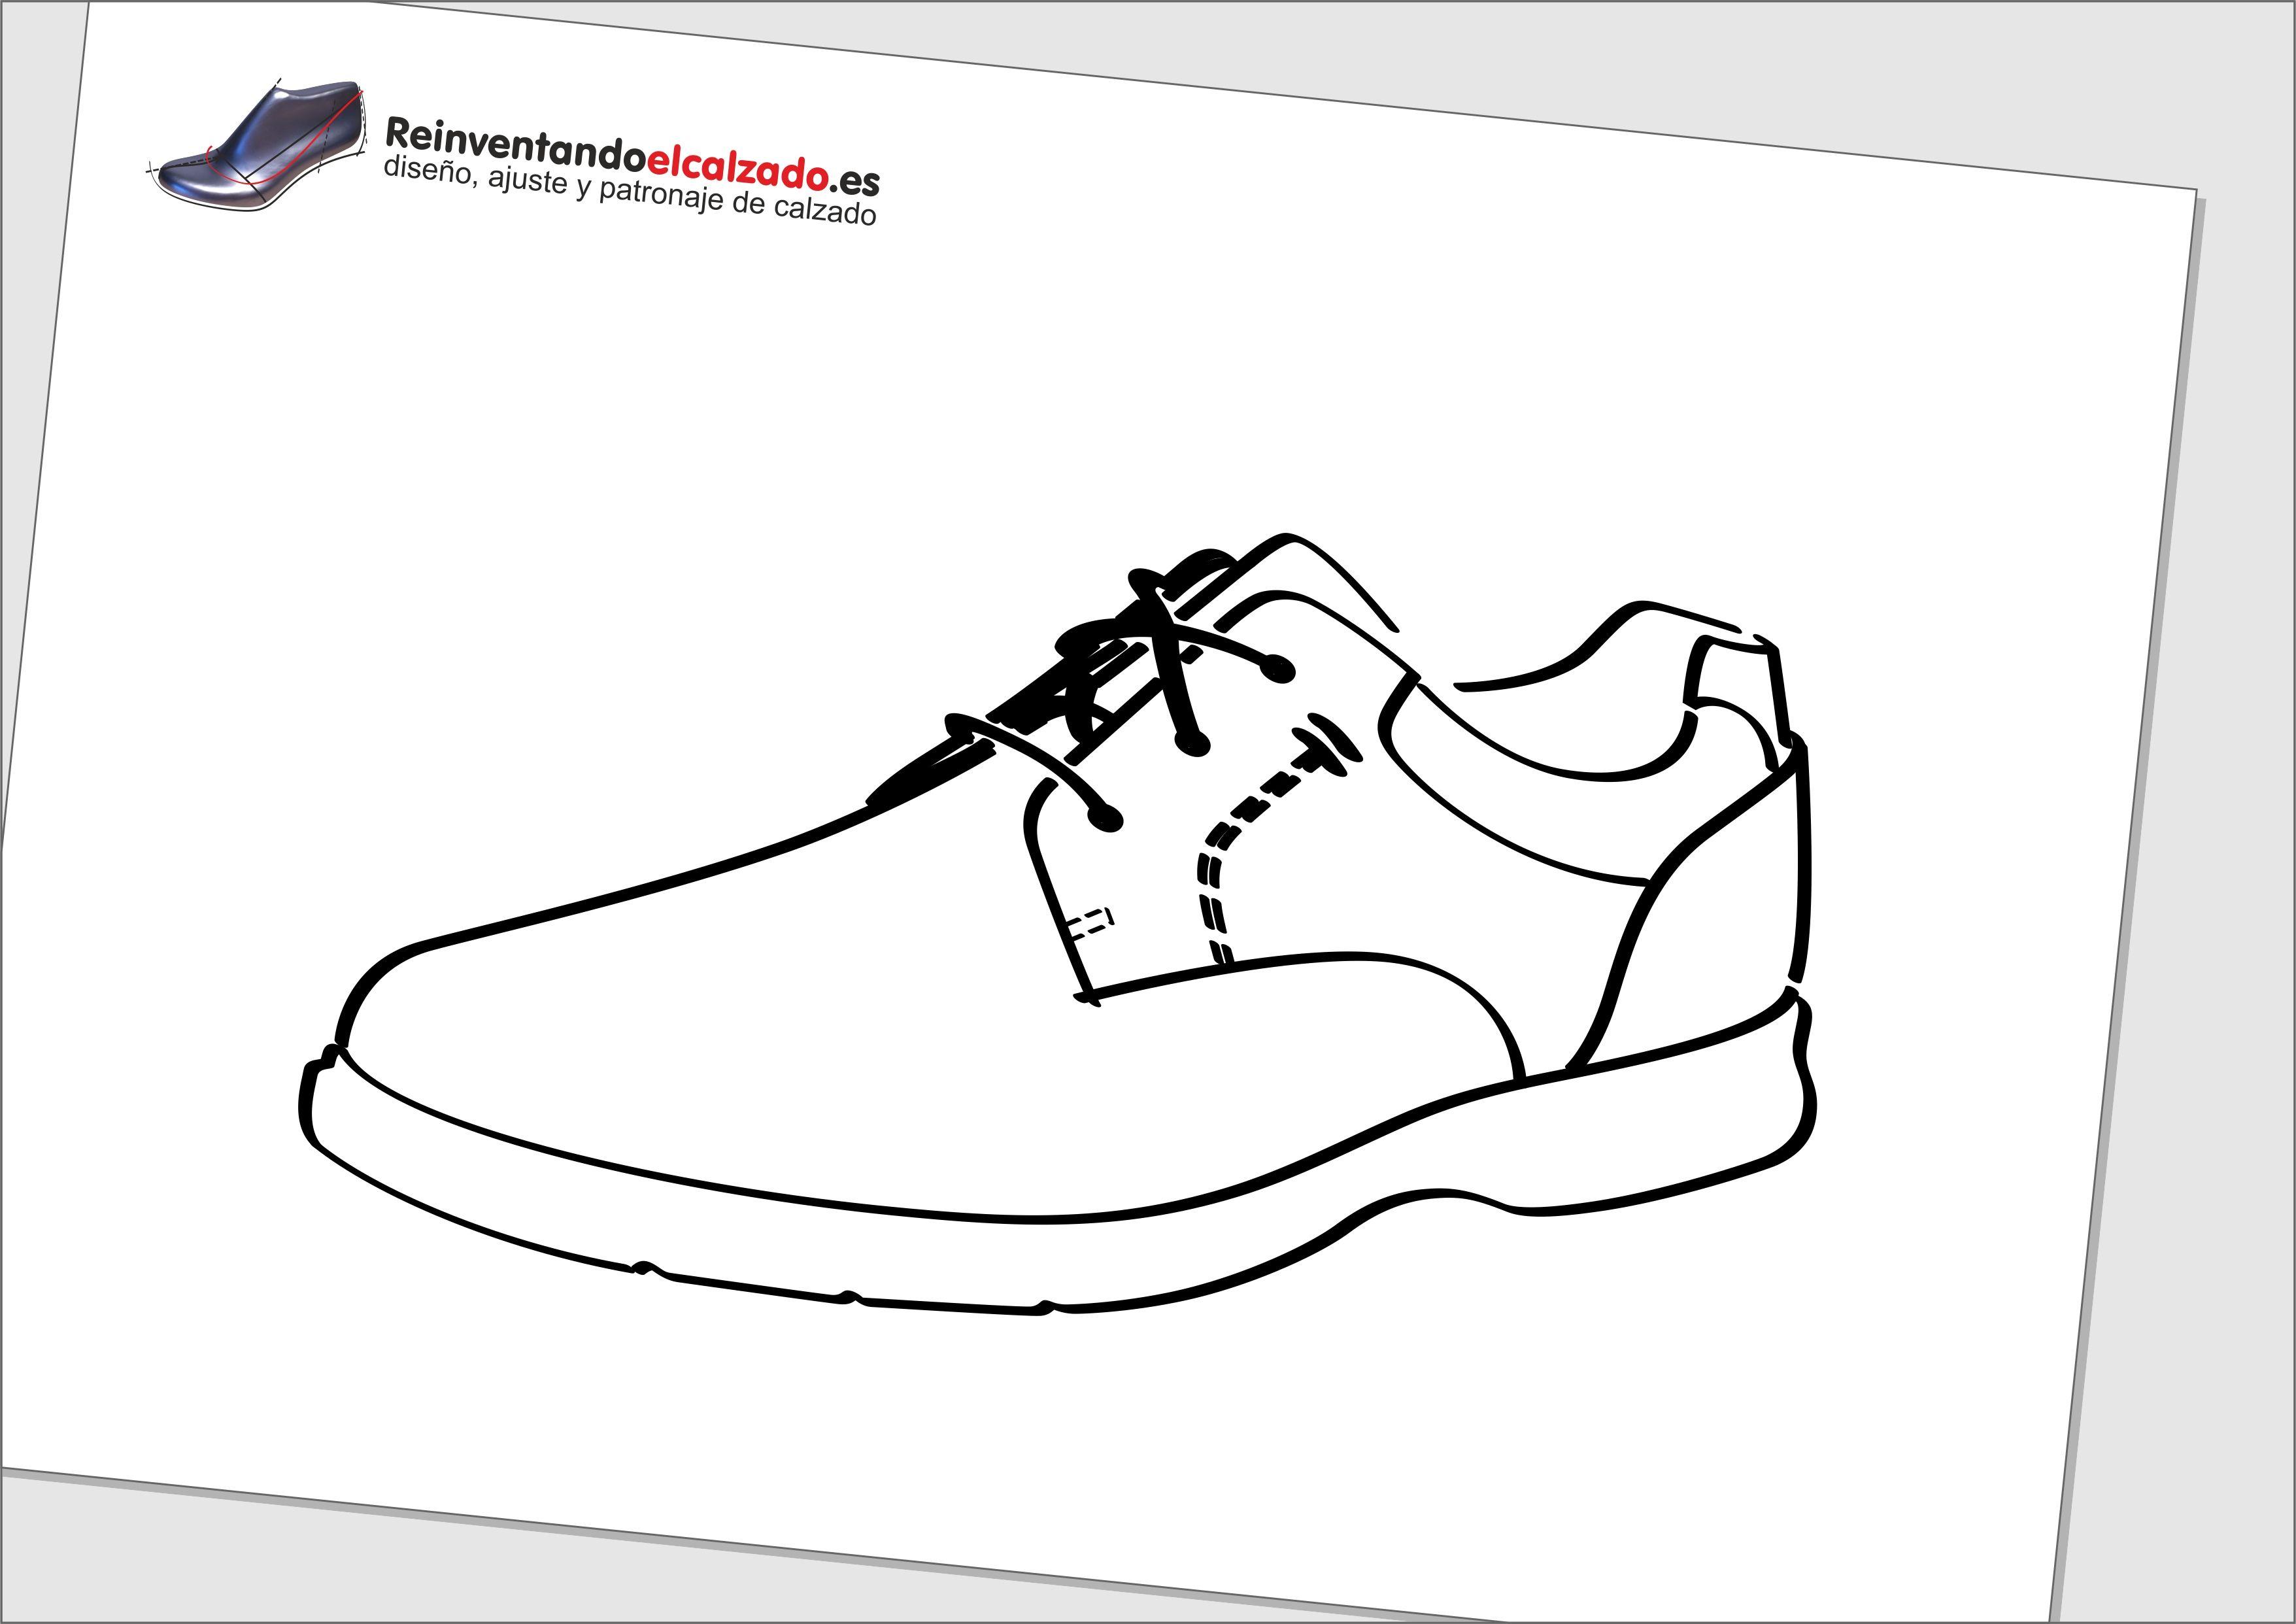 99e35f66 Aprende a realizar el boceto de un diseño de un zapato blucher de  caballero. Esto